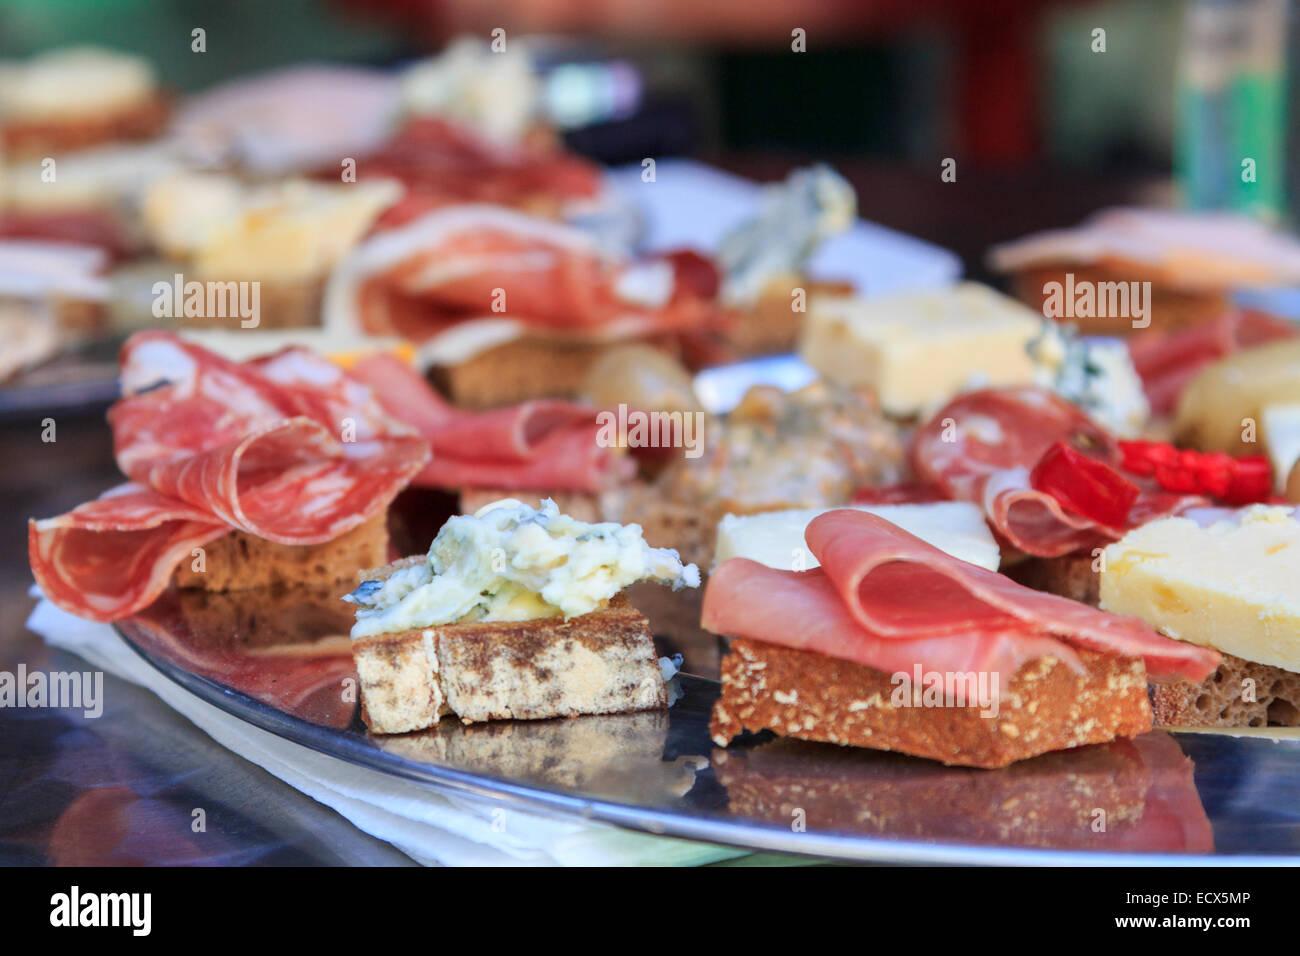 Würzige Fleisch und Käse Häppchen von verschiedenen Arten, die auf einem silbernen Metall-Teller Stockbild